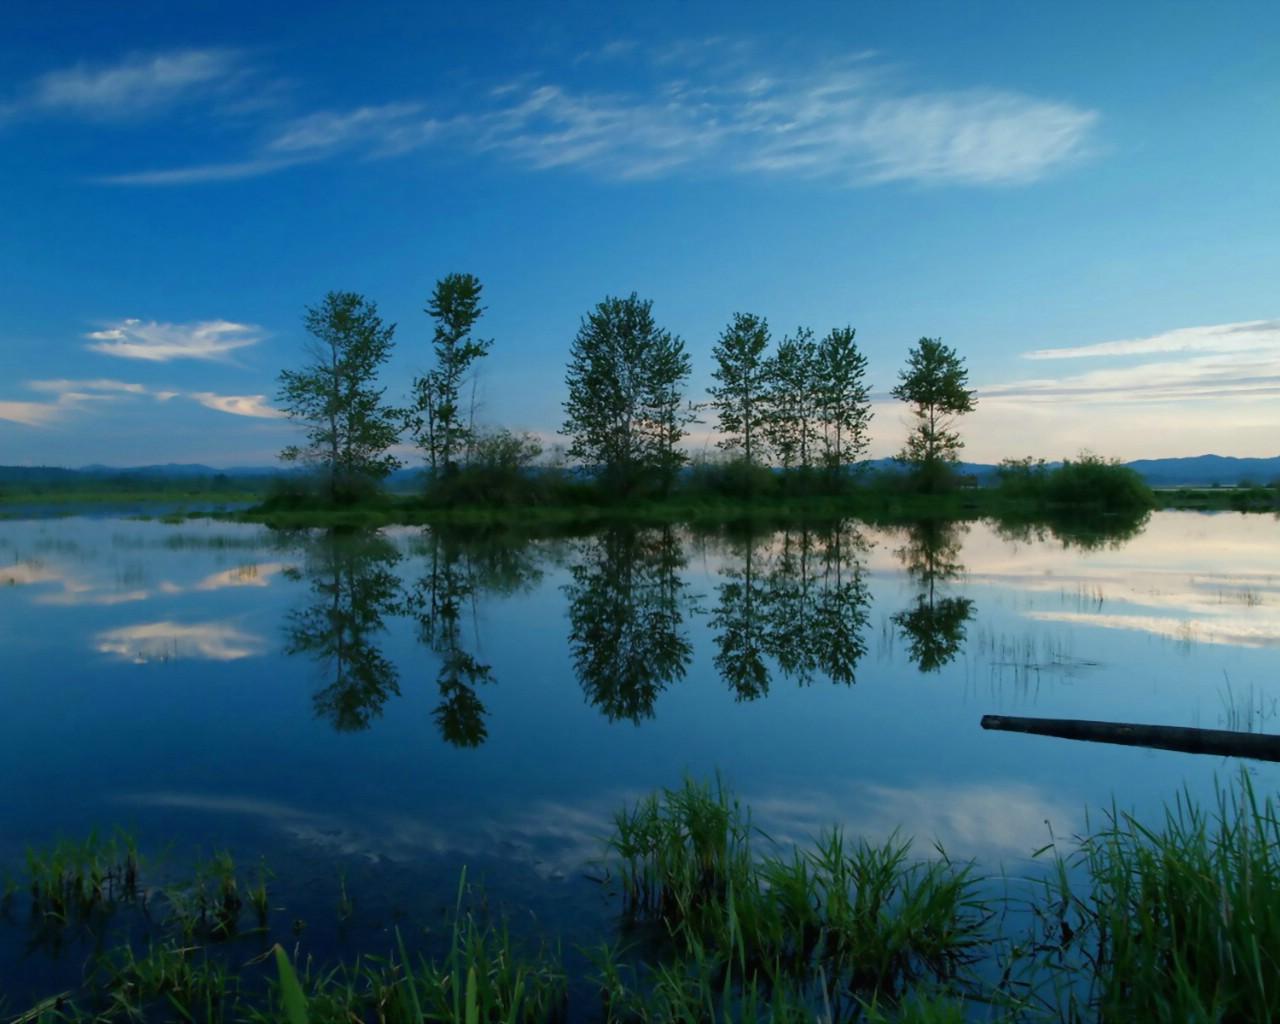 壁纸1280×1024山水风景桌面壁纸下载壁纸图片